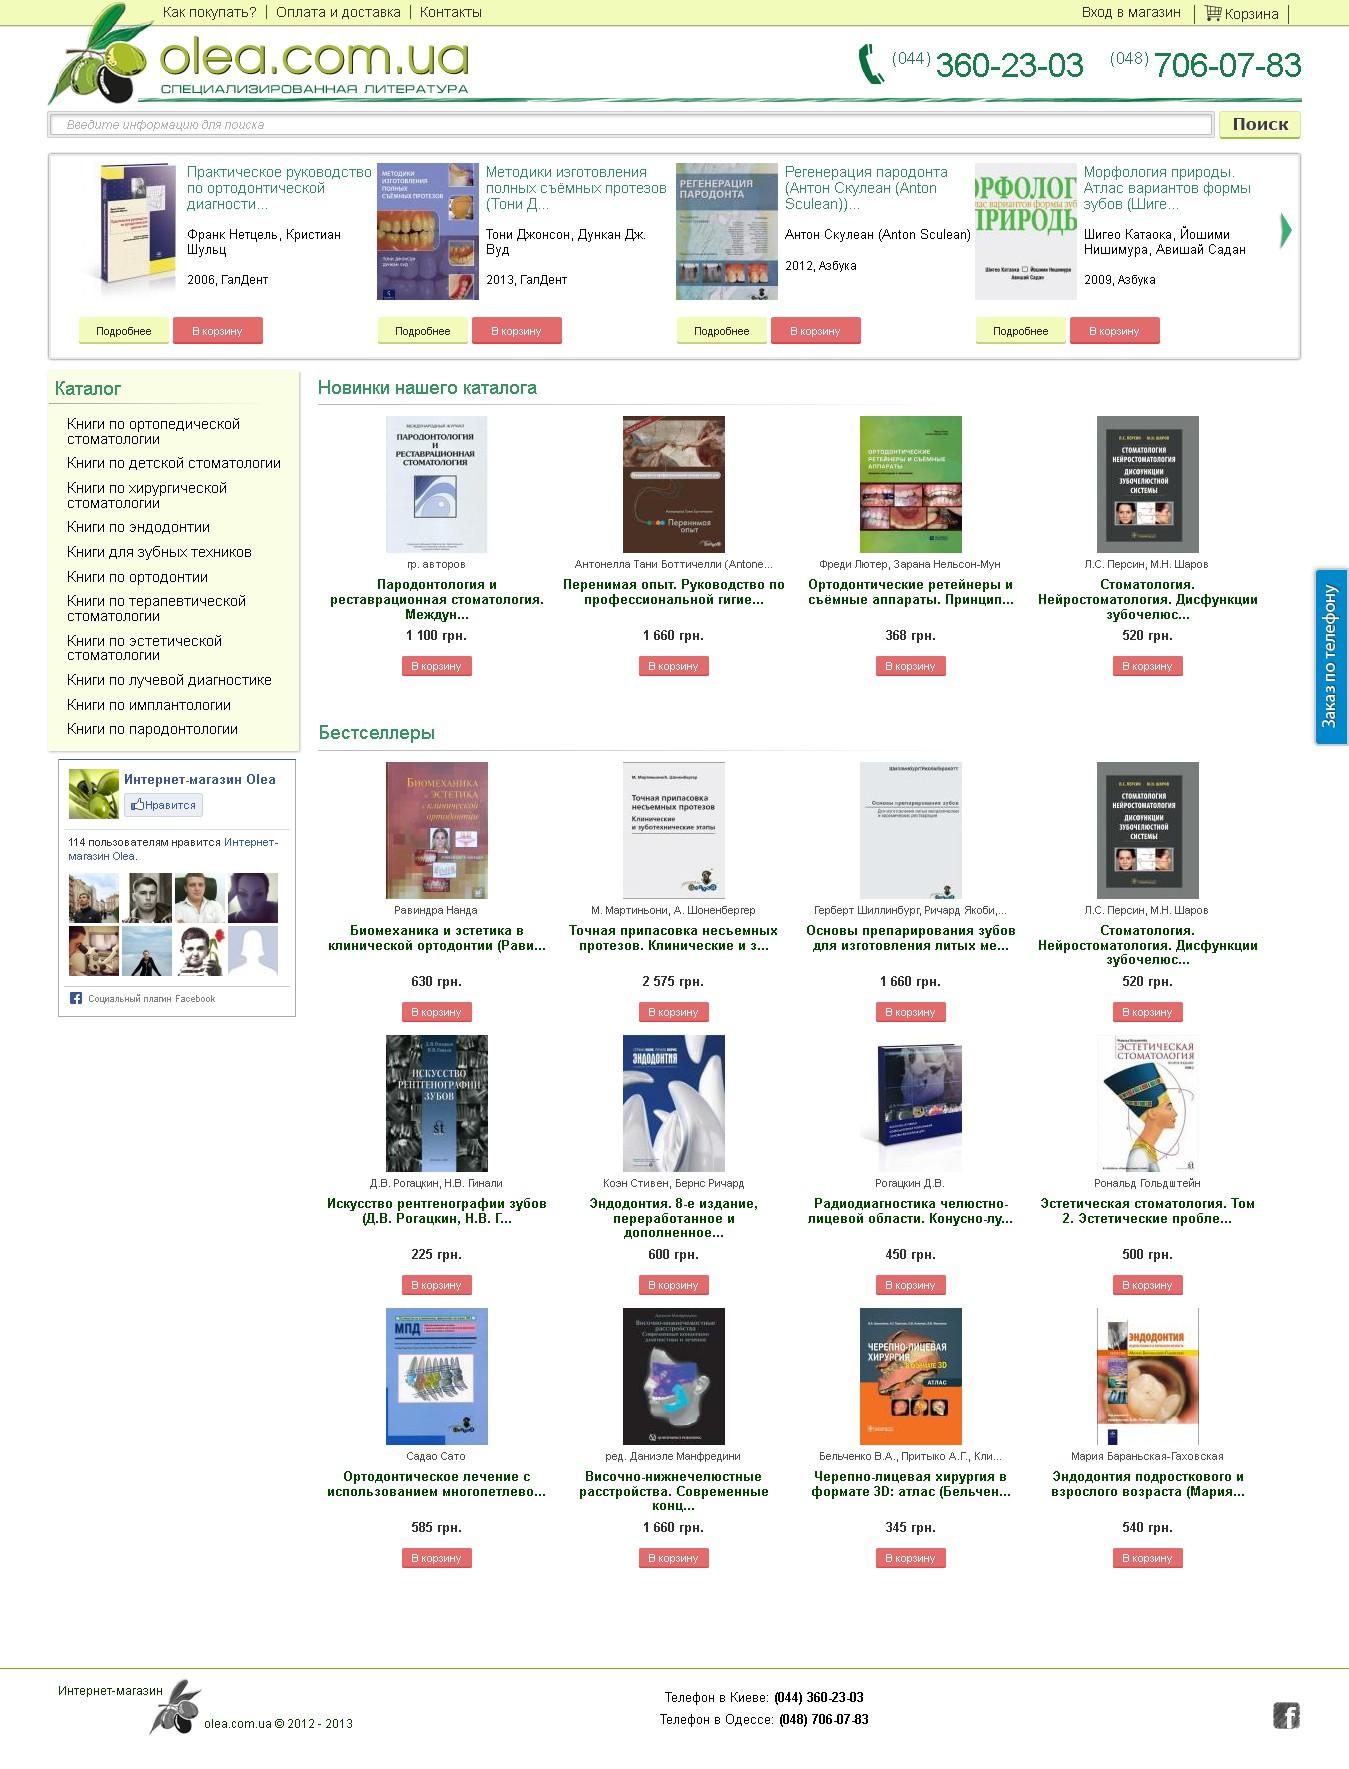 Интернет-магазин книг по стоматологии